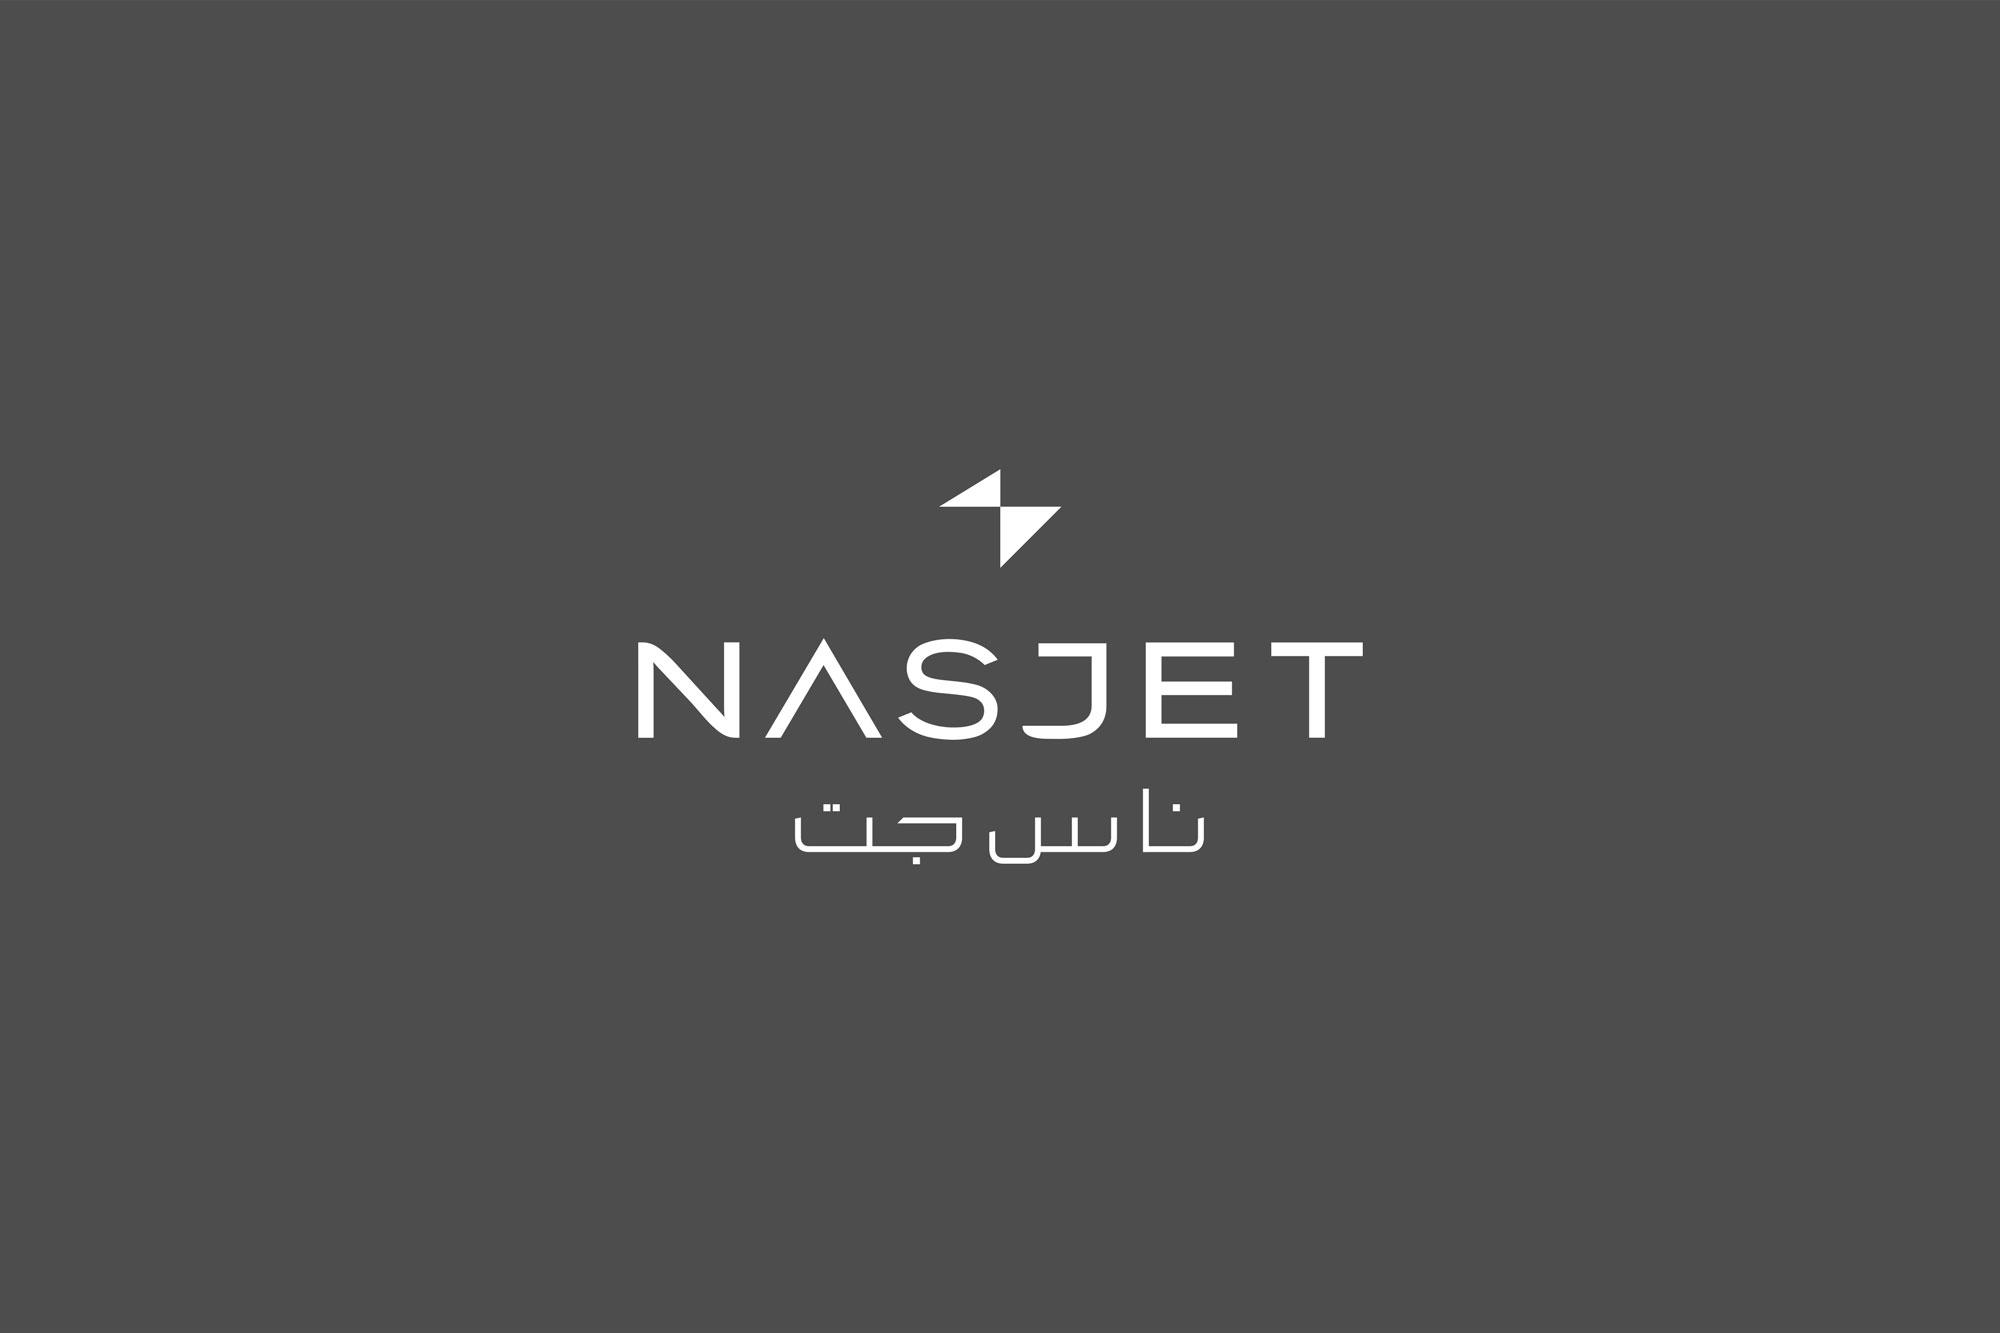 NasJet-Work-By-YaStudio-01e